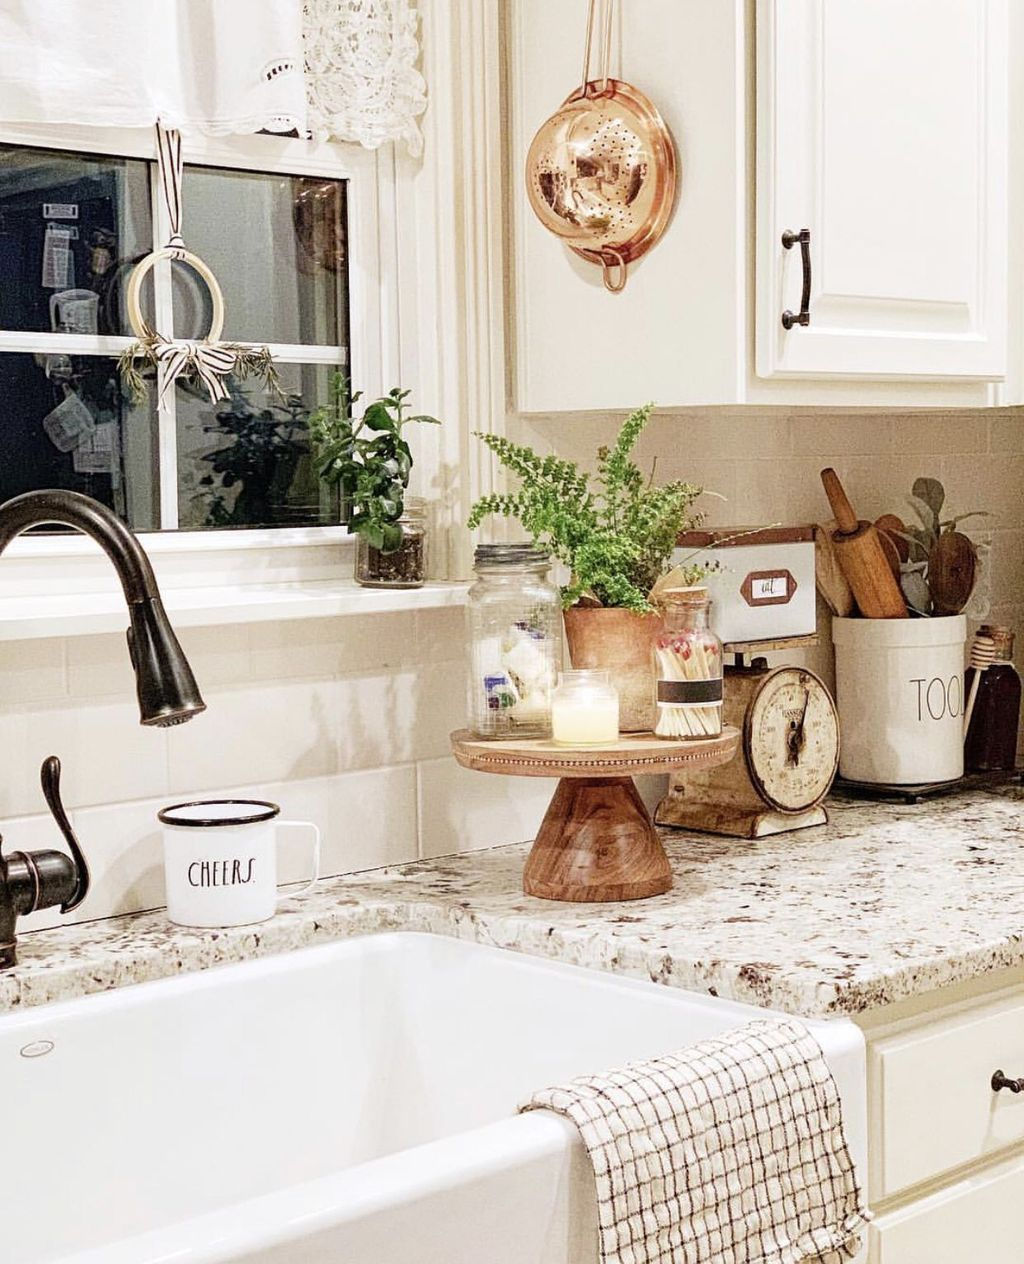 Amazing Organized Farmhouse Kitchen Decor Ideas 44